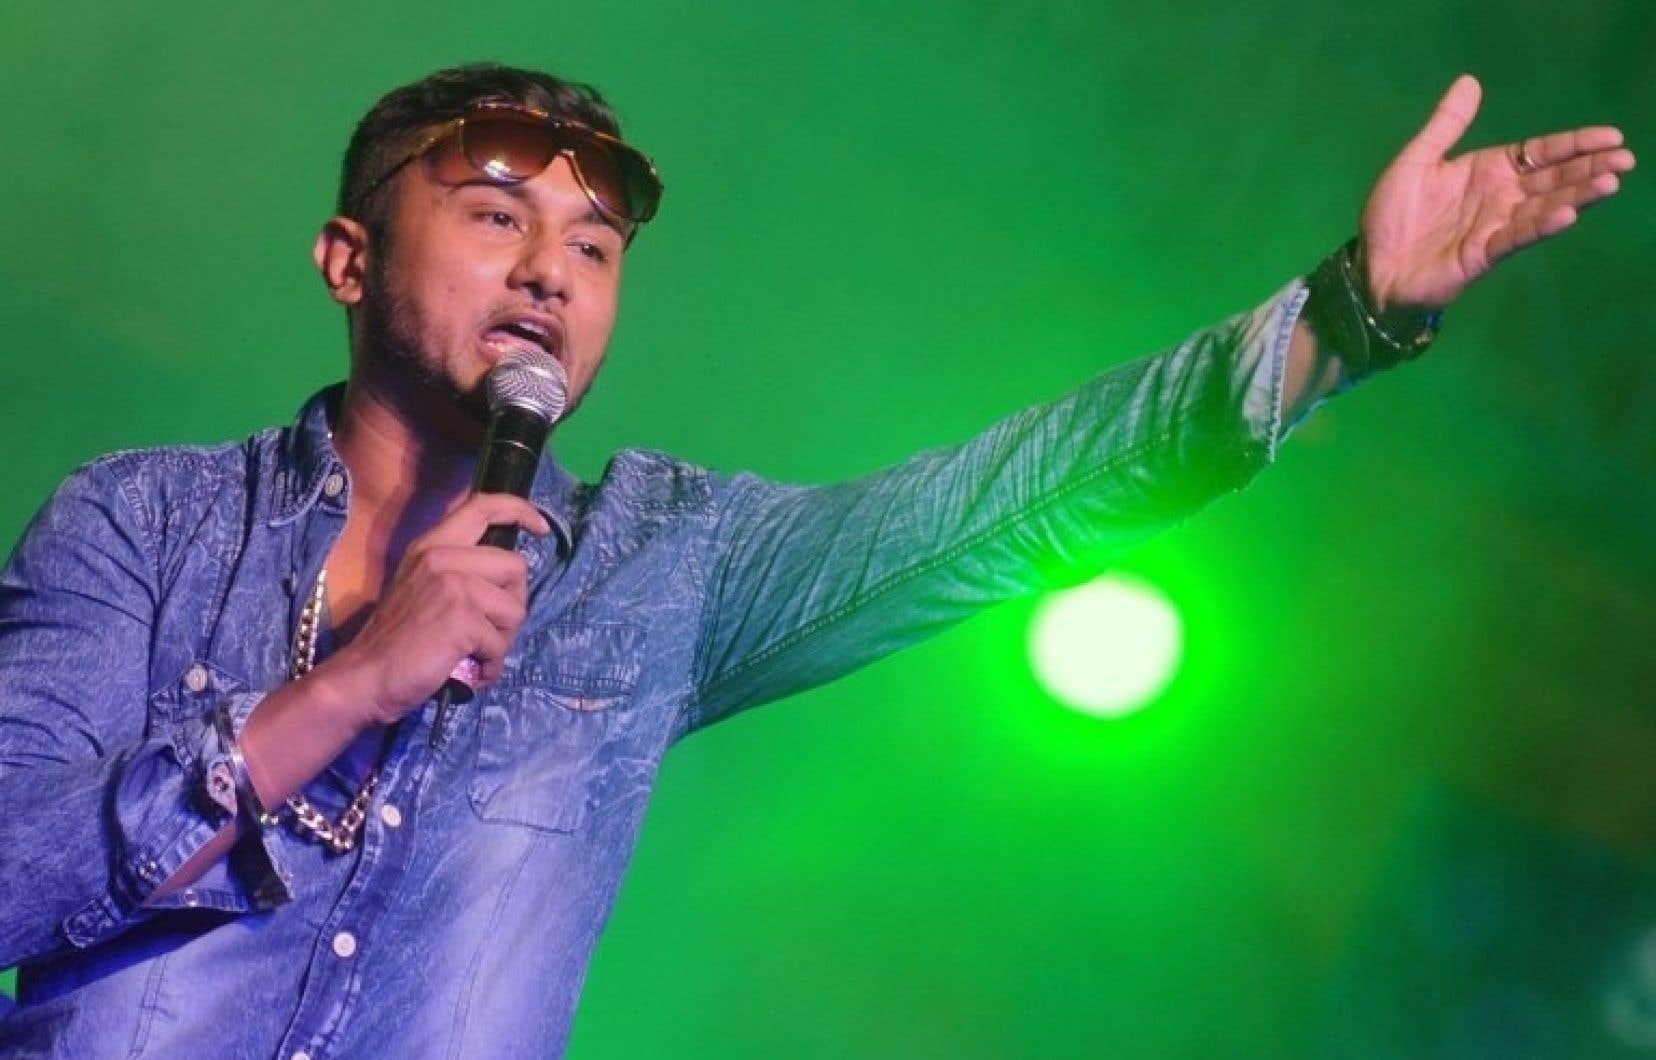 Immensément populaire, le jeune Pendjabi maintenant âgé de 30 ans traîne aussi avec lui un poids de controverse, pour avoir tenu dans ses chansons des propos sexistes et vulgaires.